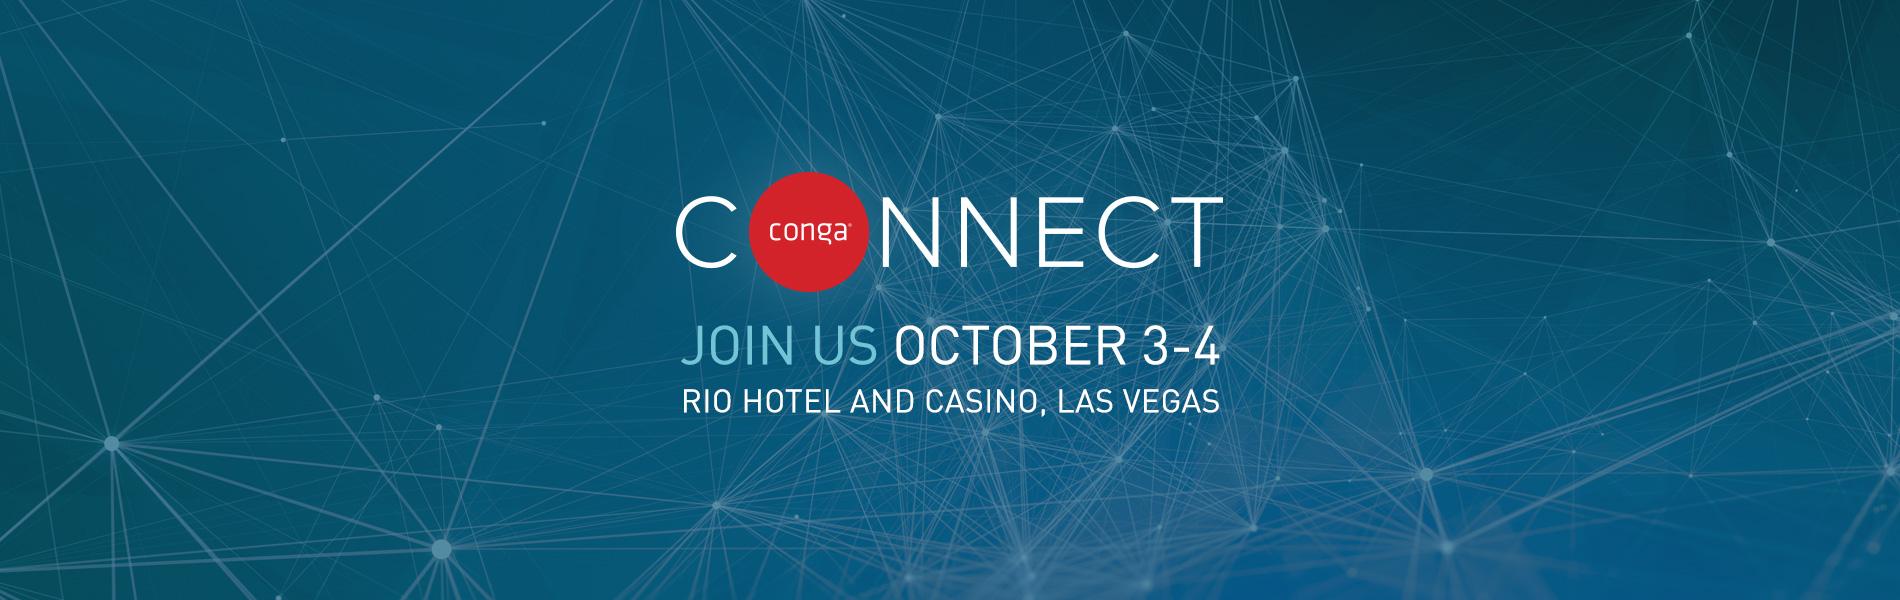 Conga Connect Las Vegas 2017